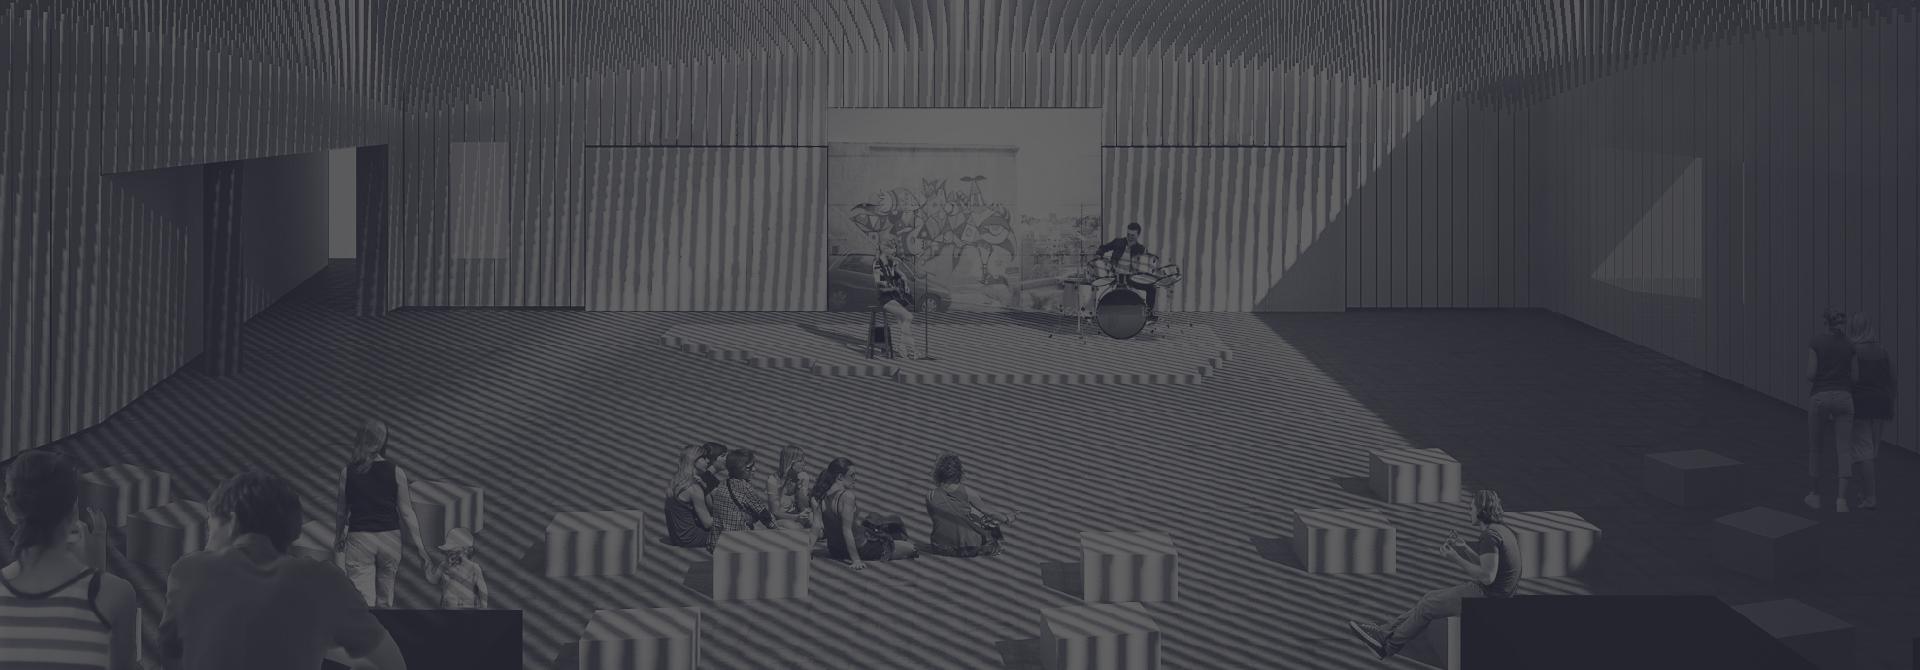 01 Zain Cultural Plaza